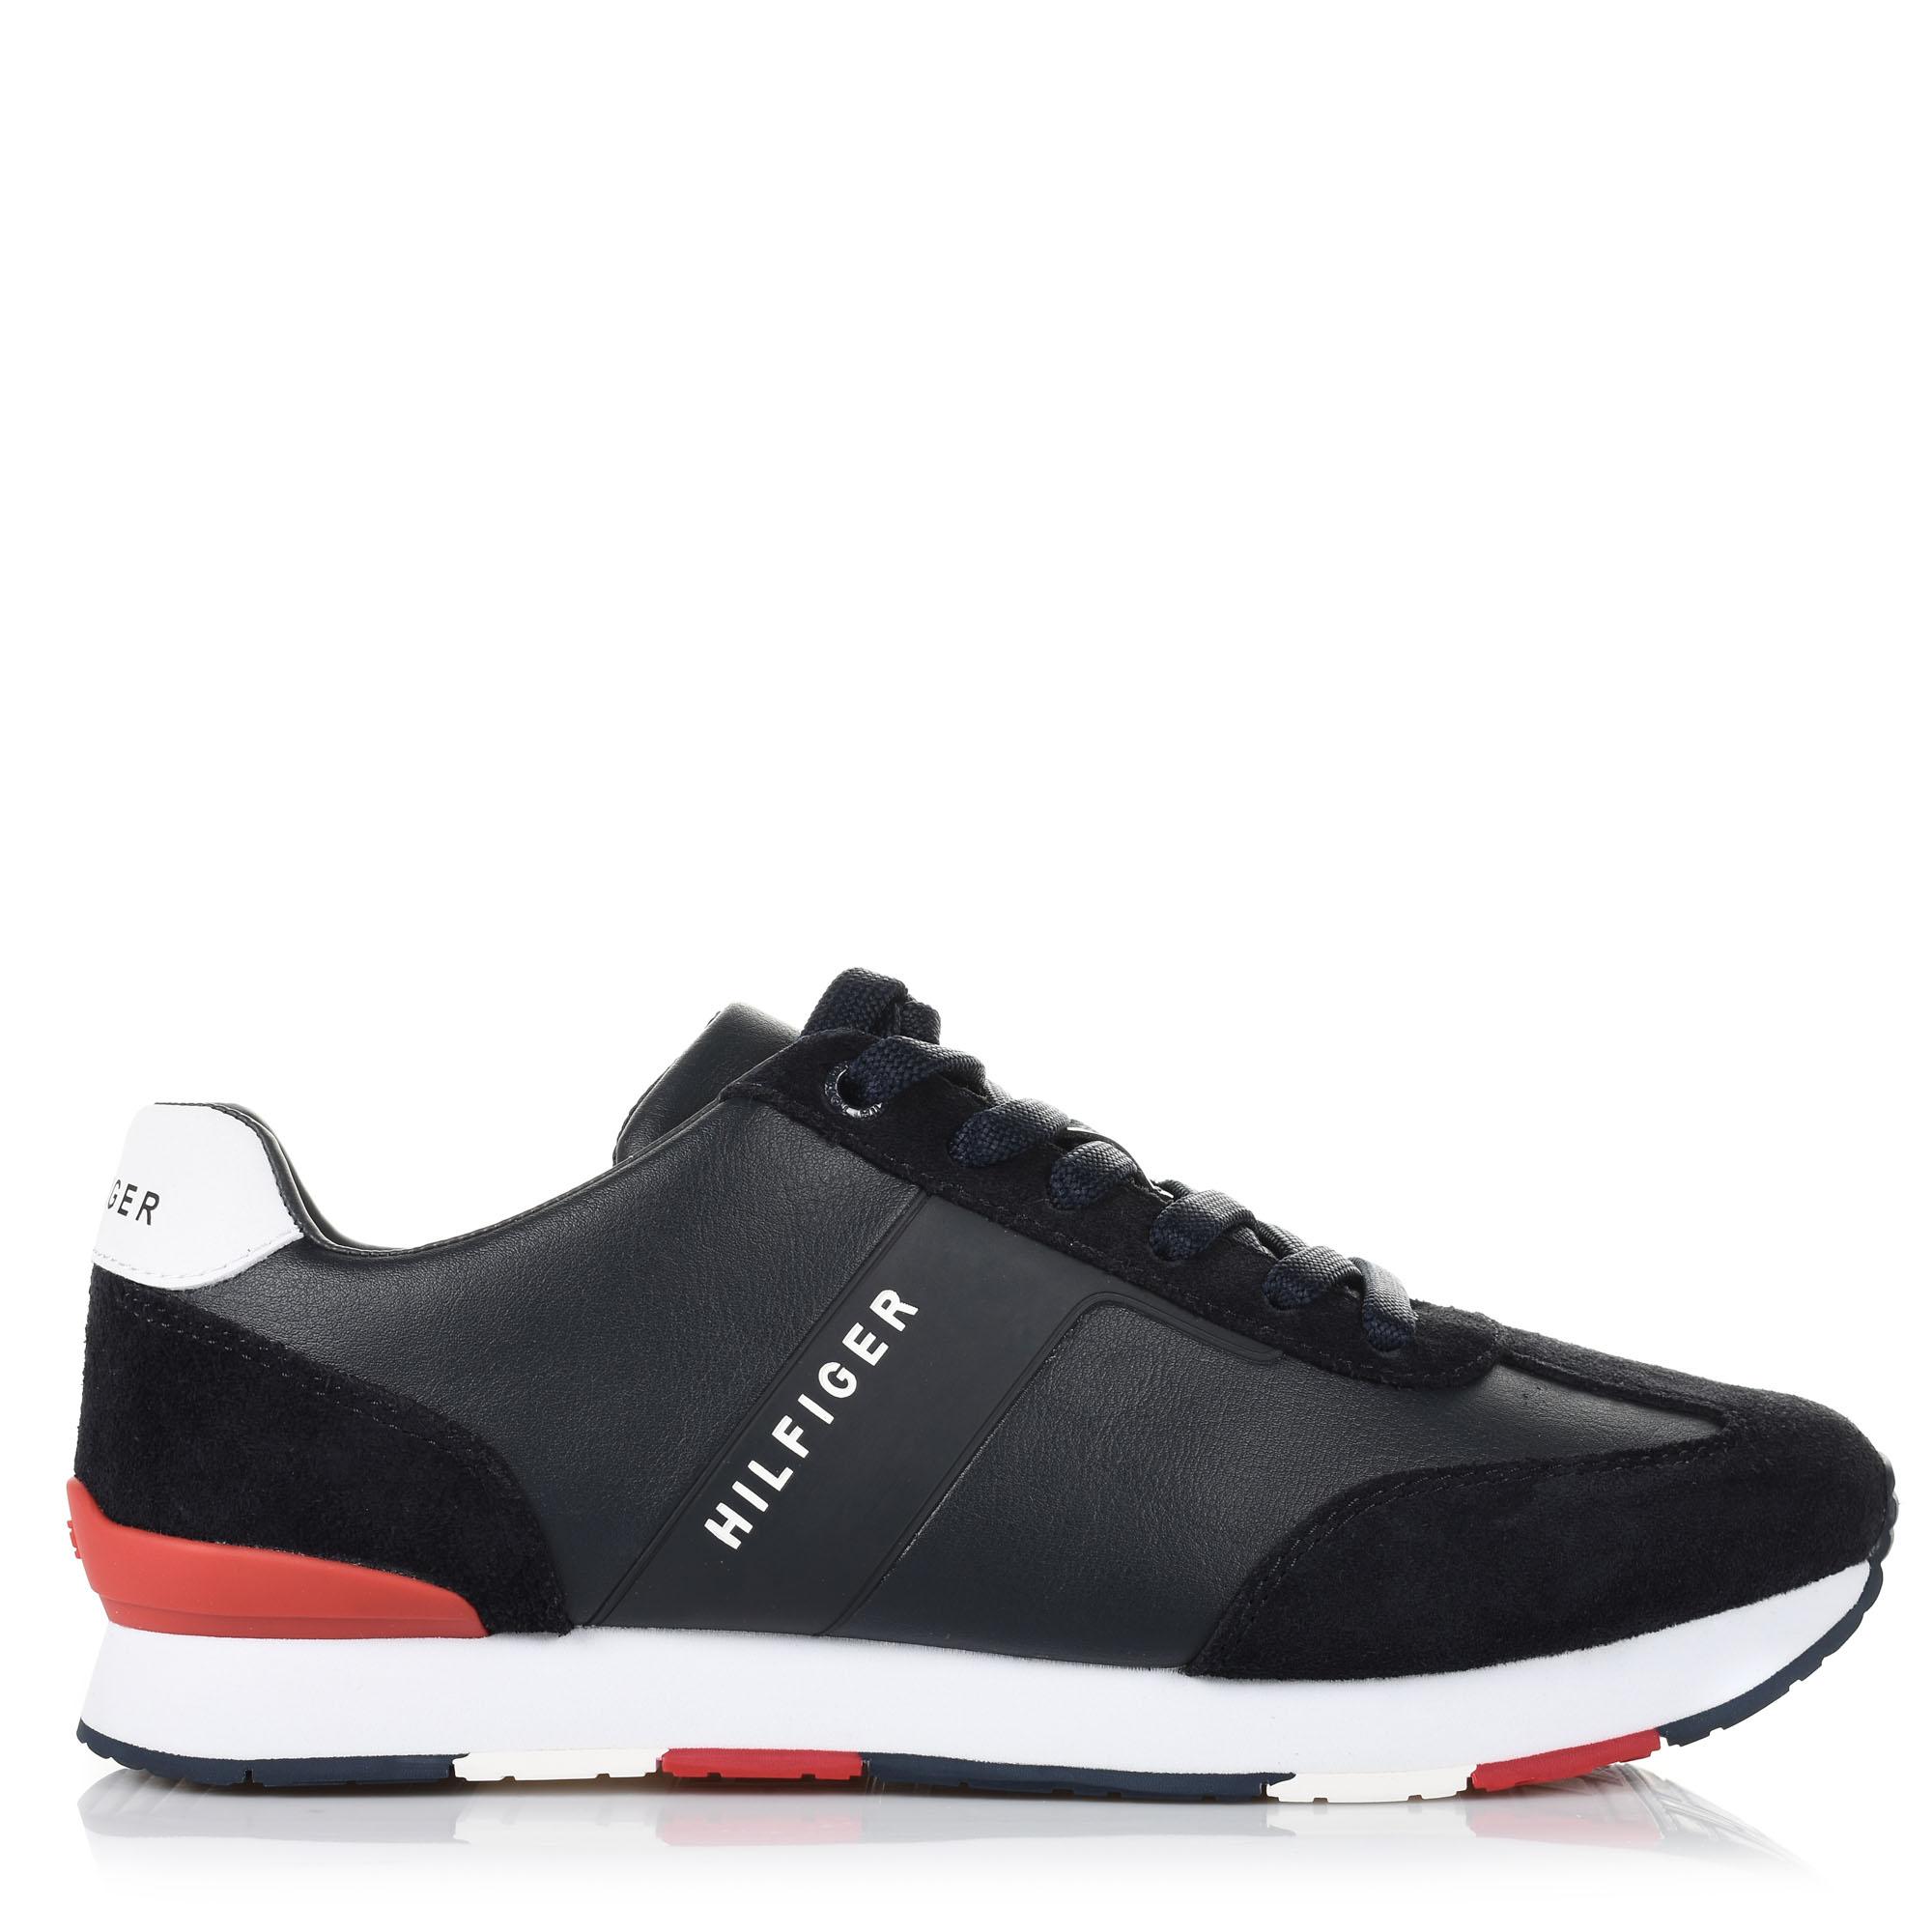 Δερμάτινα Sneakers Tommy Hilfiger Mix Runner FM0FM02142 ανδρας   ανδρικό παπούτσι